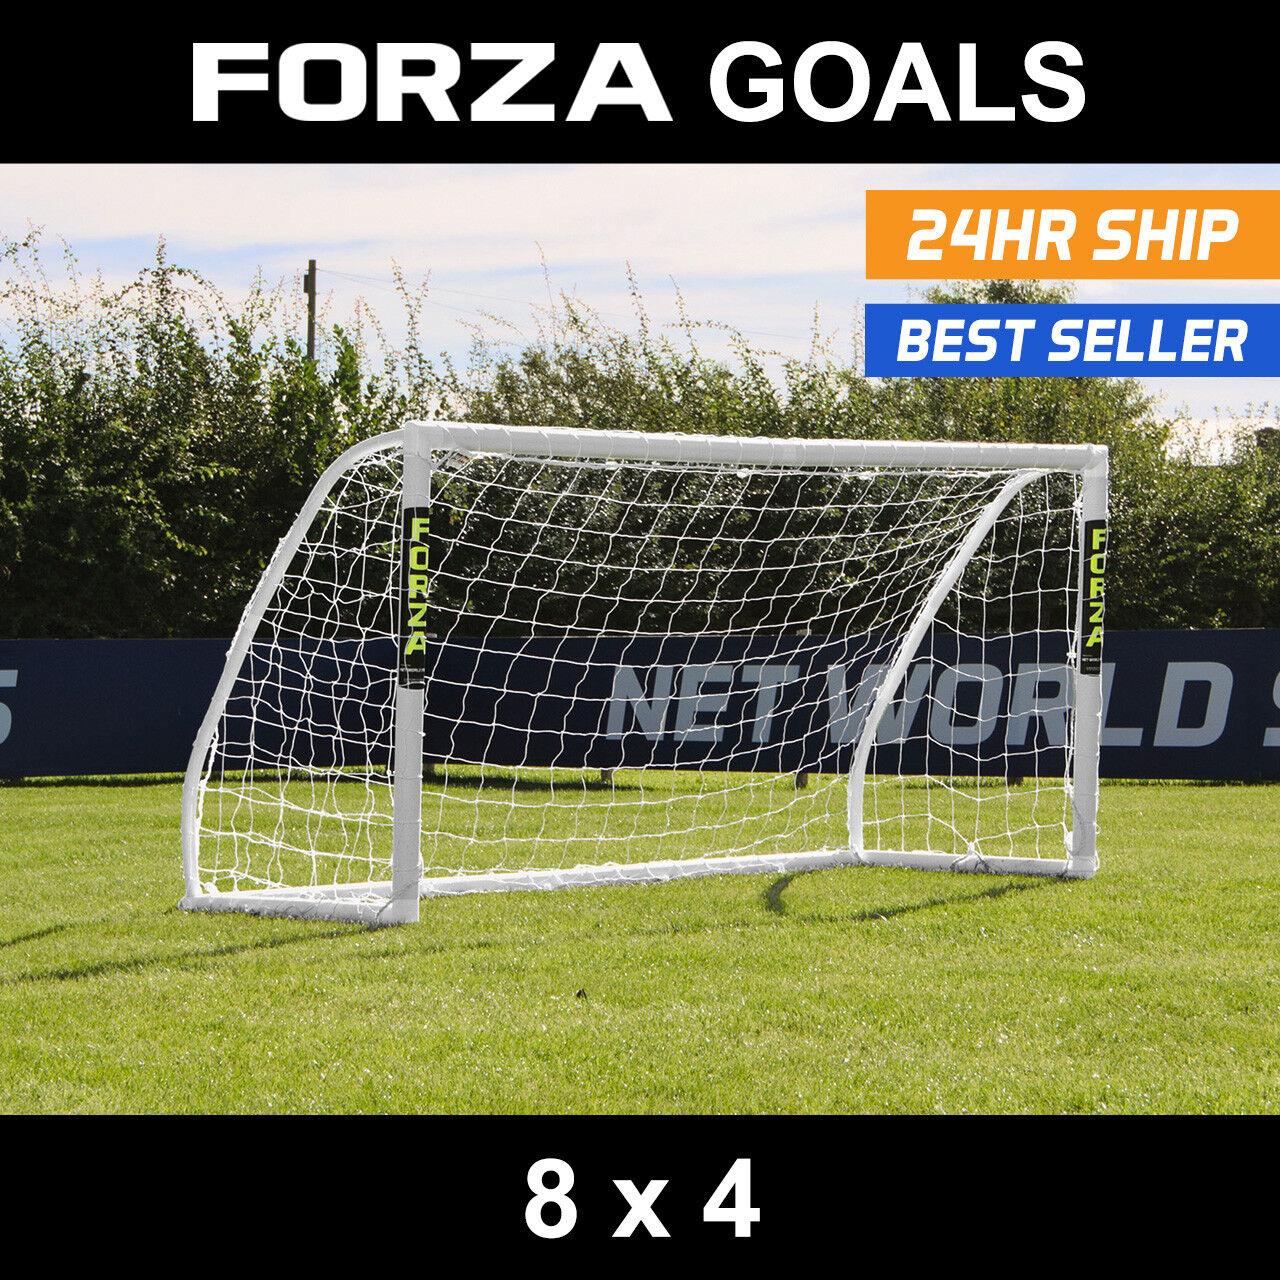 Forza MATCH Fútbol Meta    8 ft (approx. 2.44 m) X 4 ft (approx. 1.22 m)   Meta   Match Junior objetivo objetivo   objetivo de PVC  ordene ahora los precios más bajos